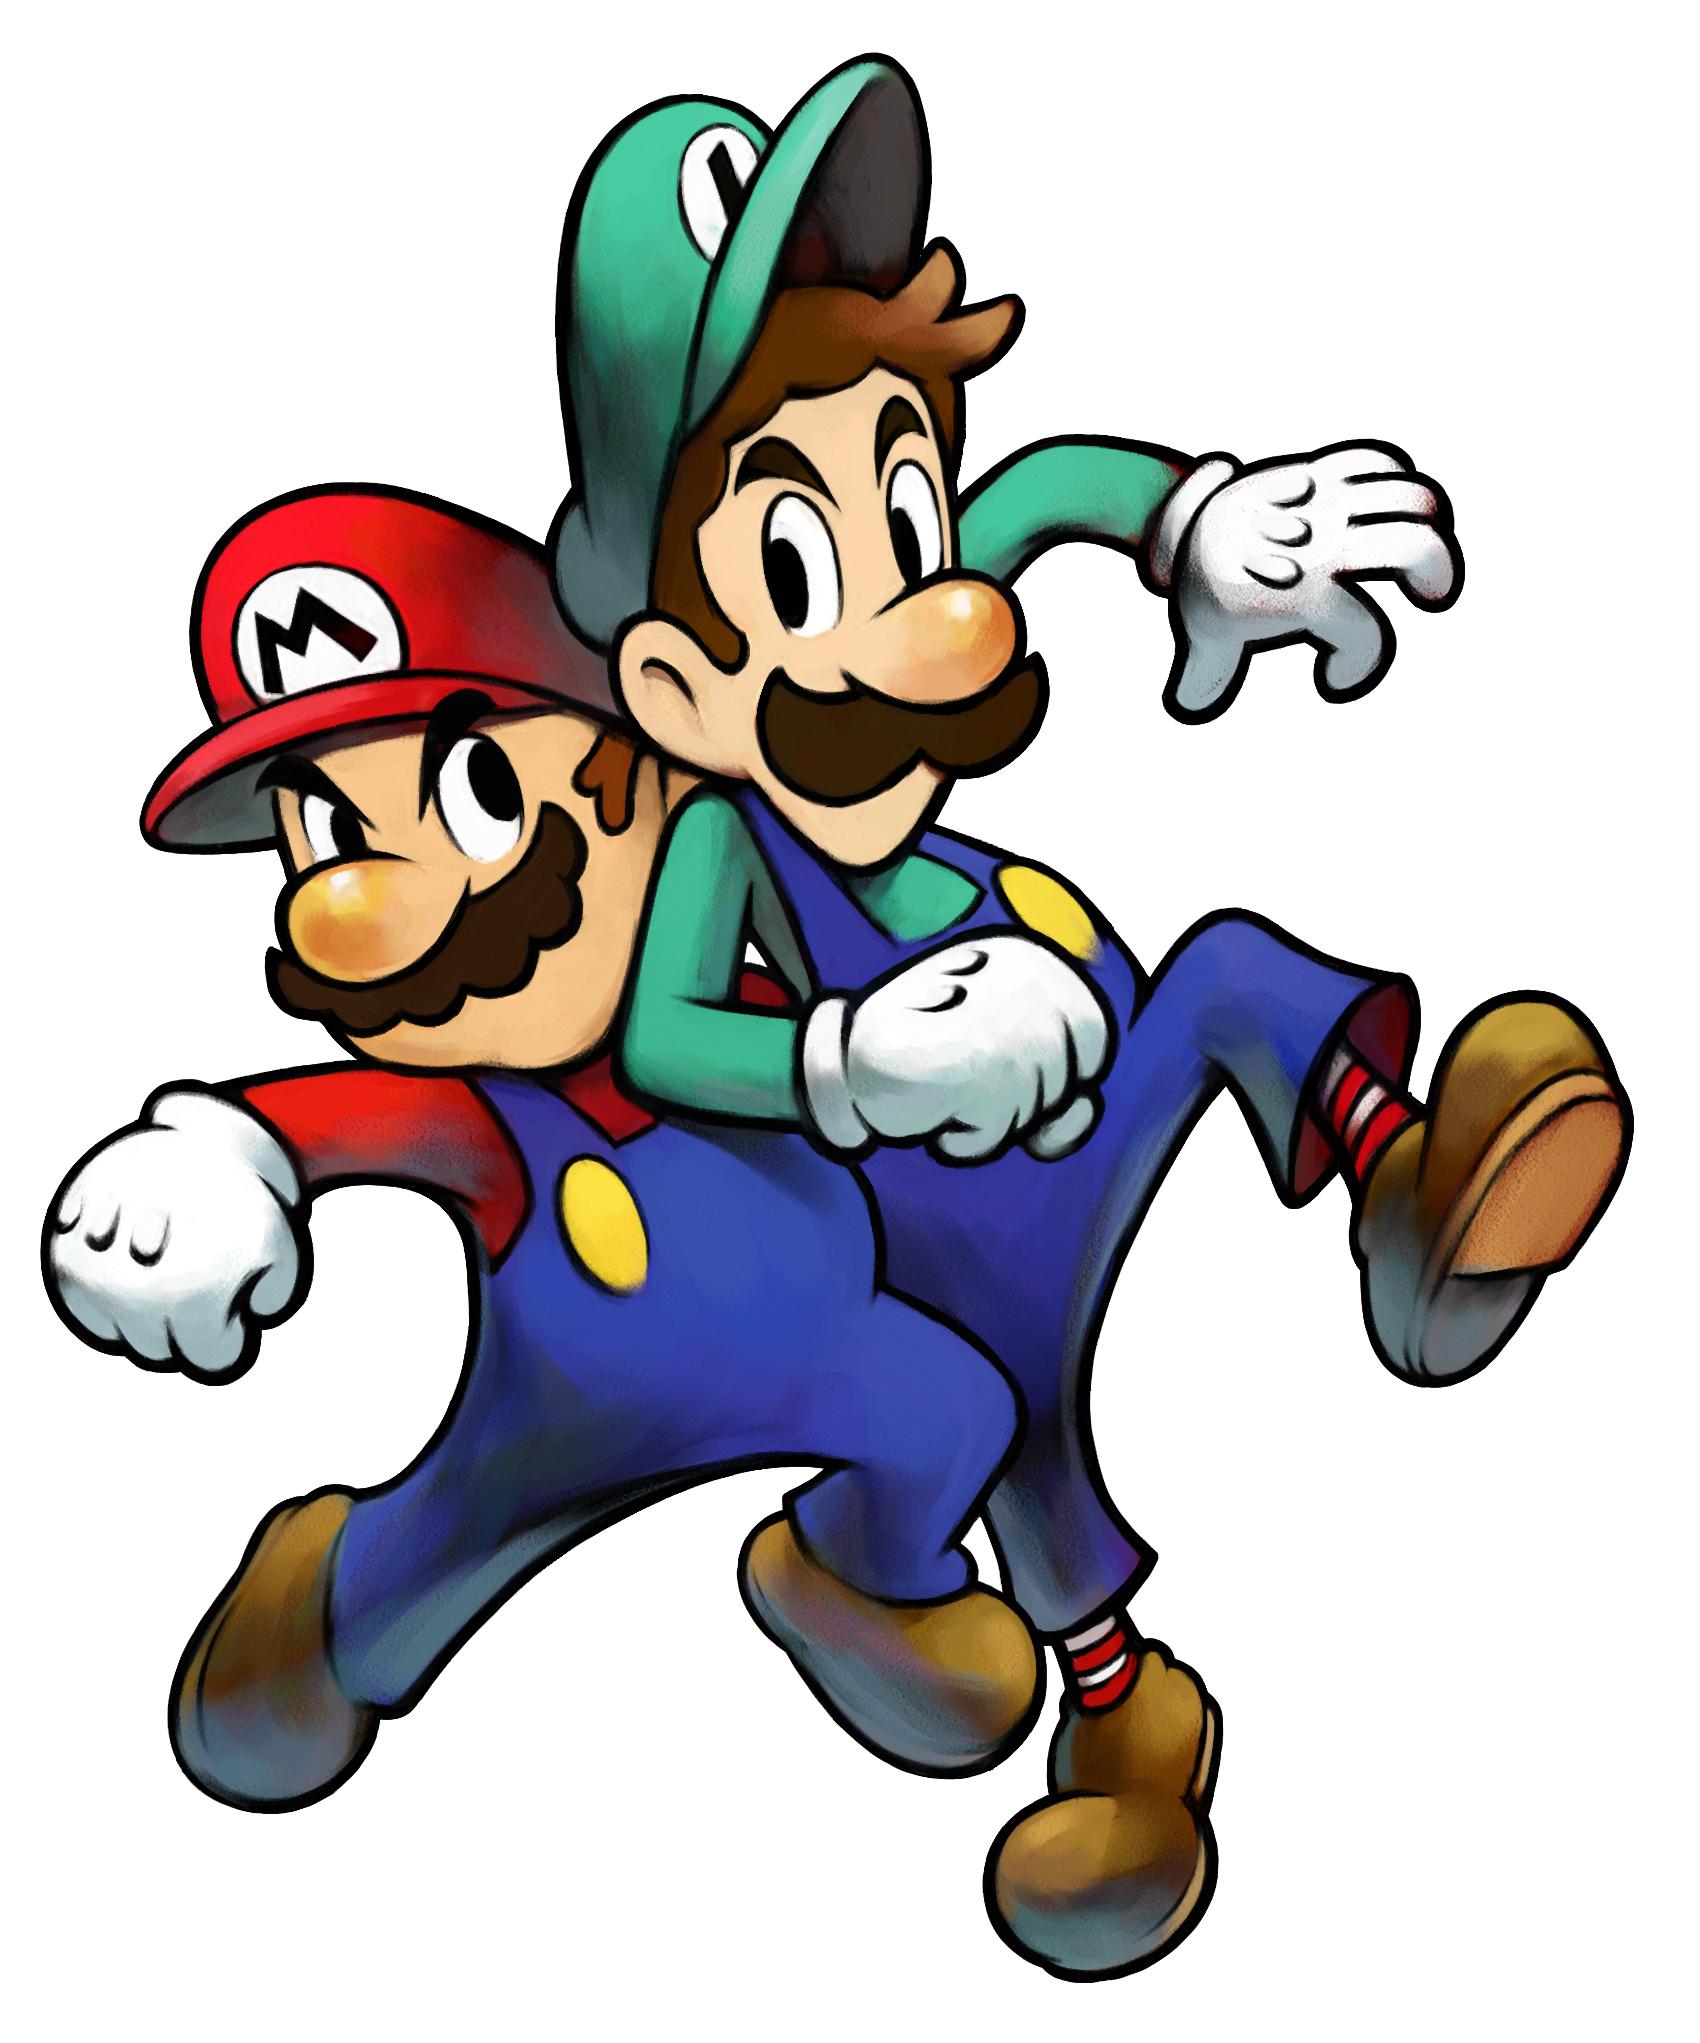 1700x2043 Super Mario Bros Classic [Game Review] Steemit